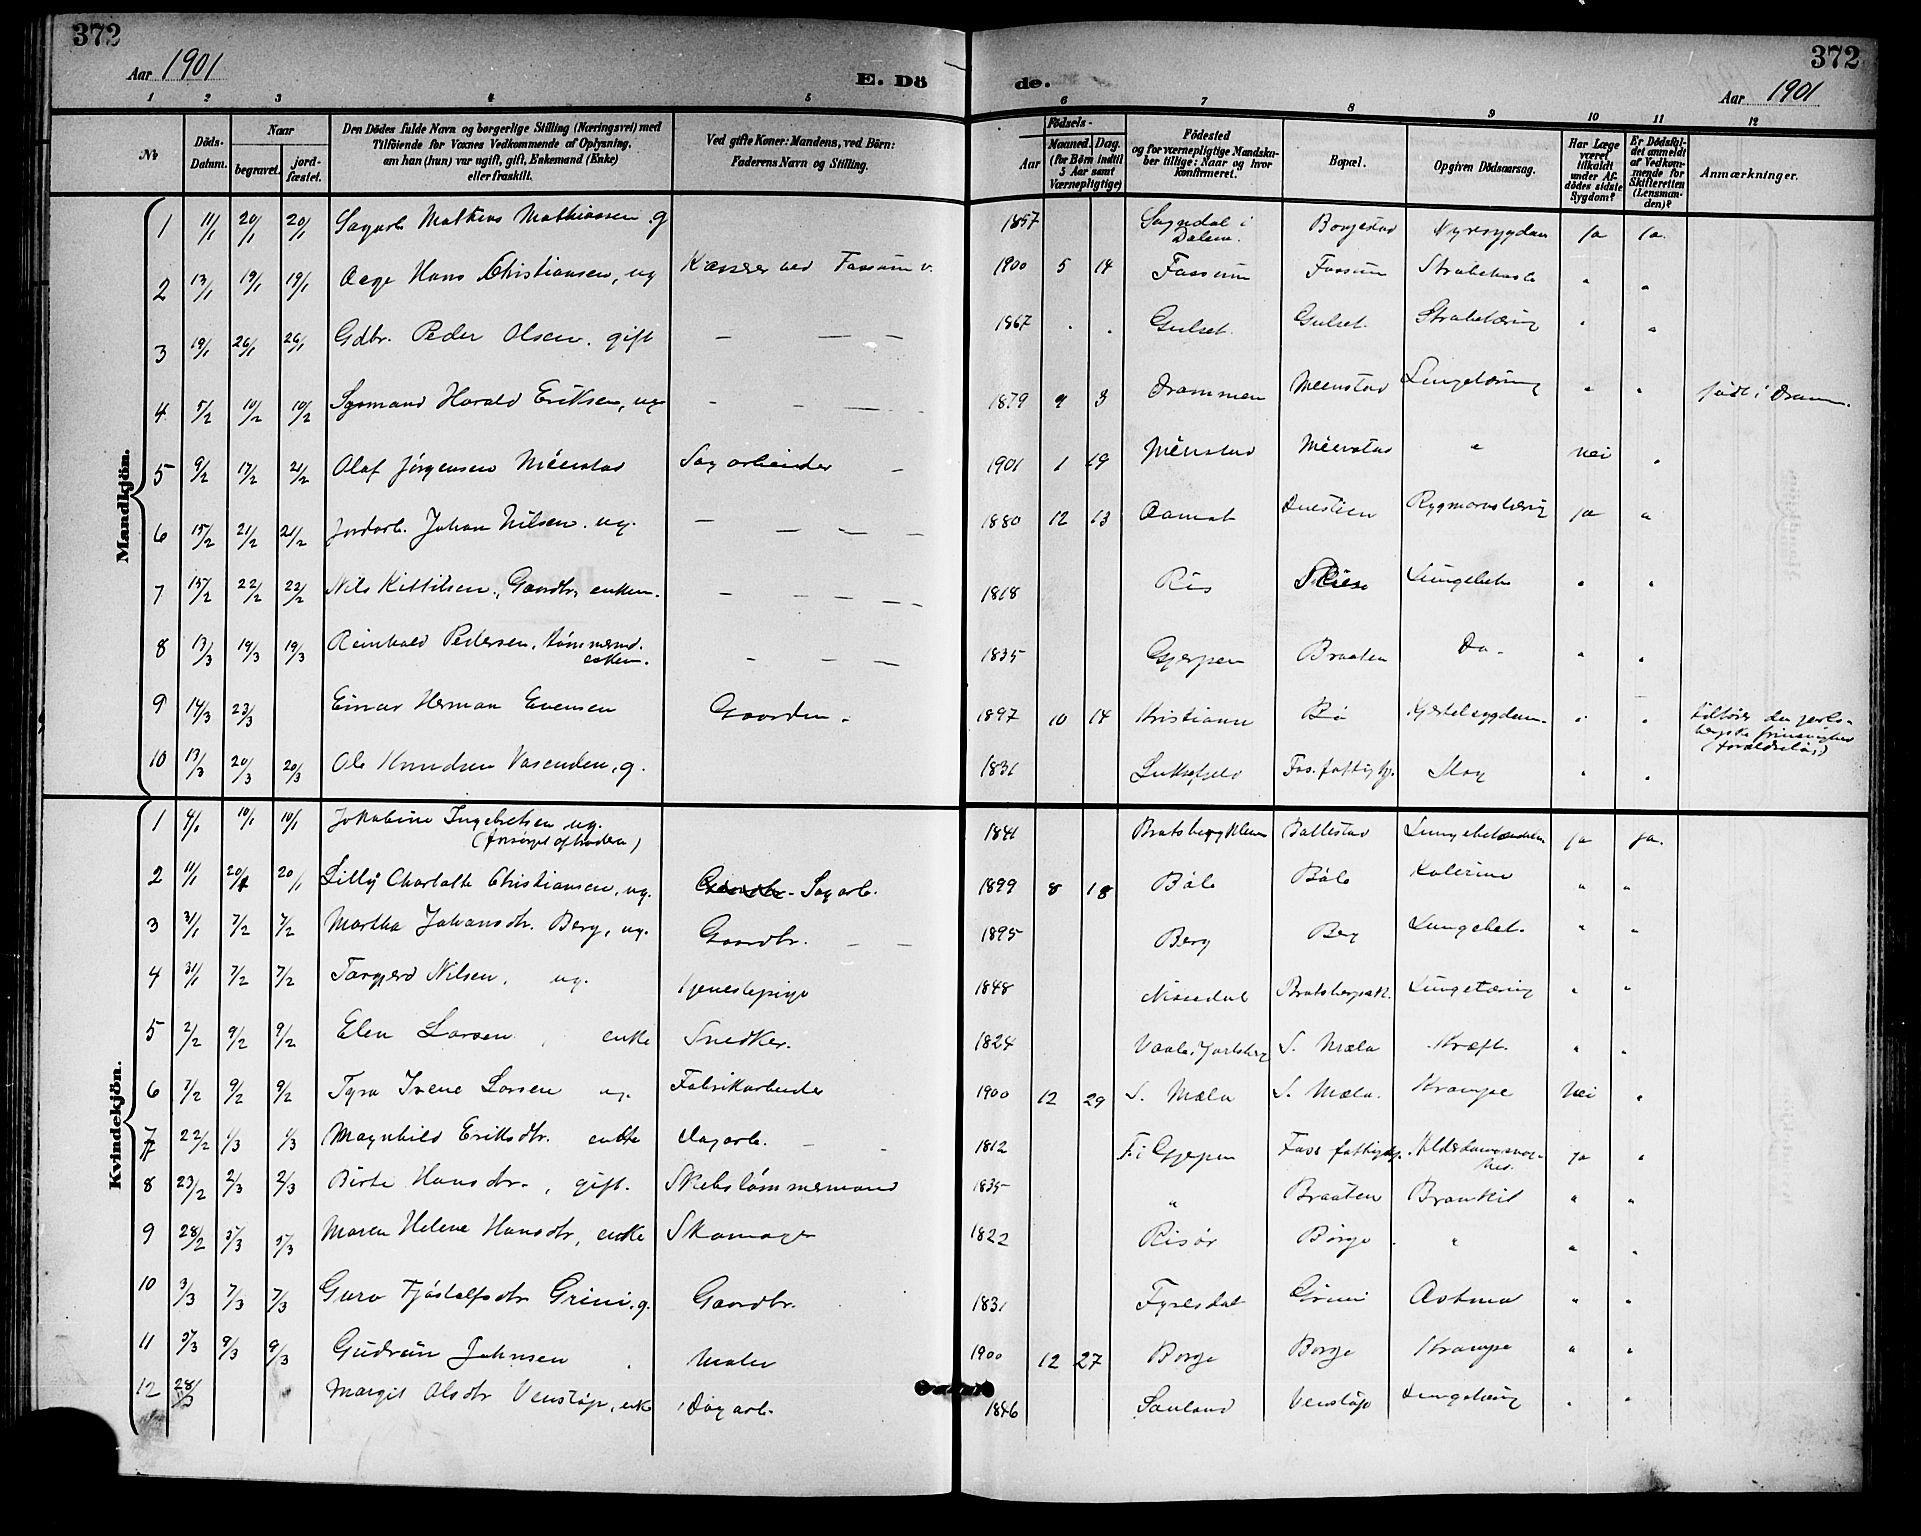 SAKO, Gjerpen kirkebøker, G/Ga/L0003: Klokkerbok nr. I 3, 1901-1919, s. 372